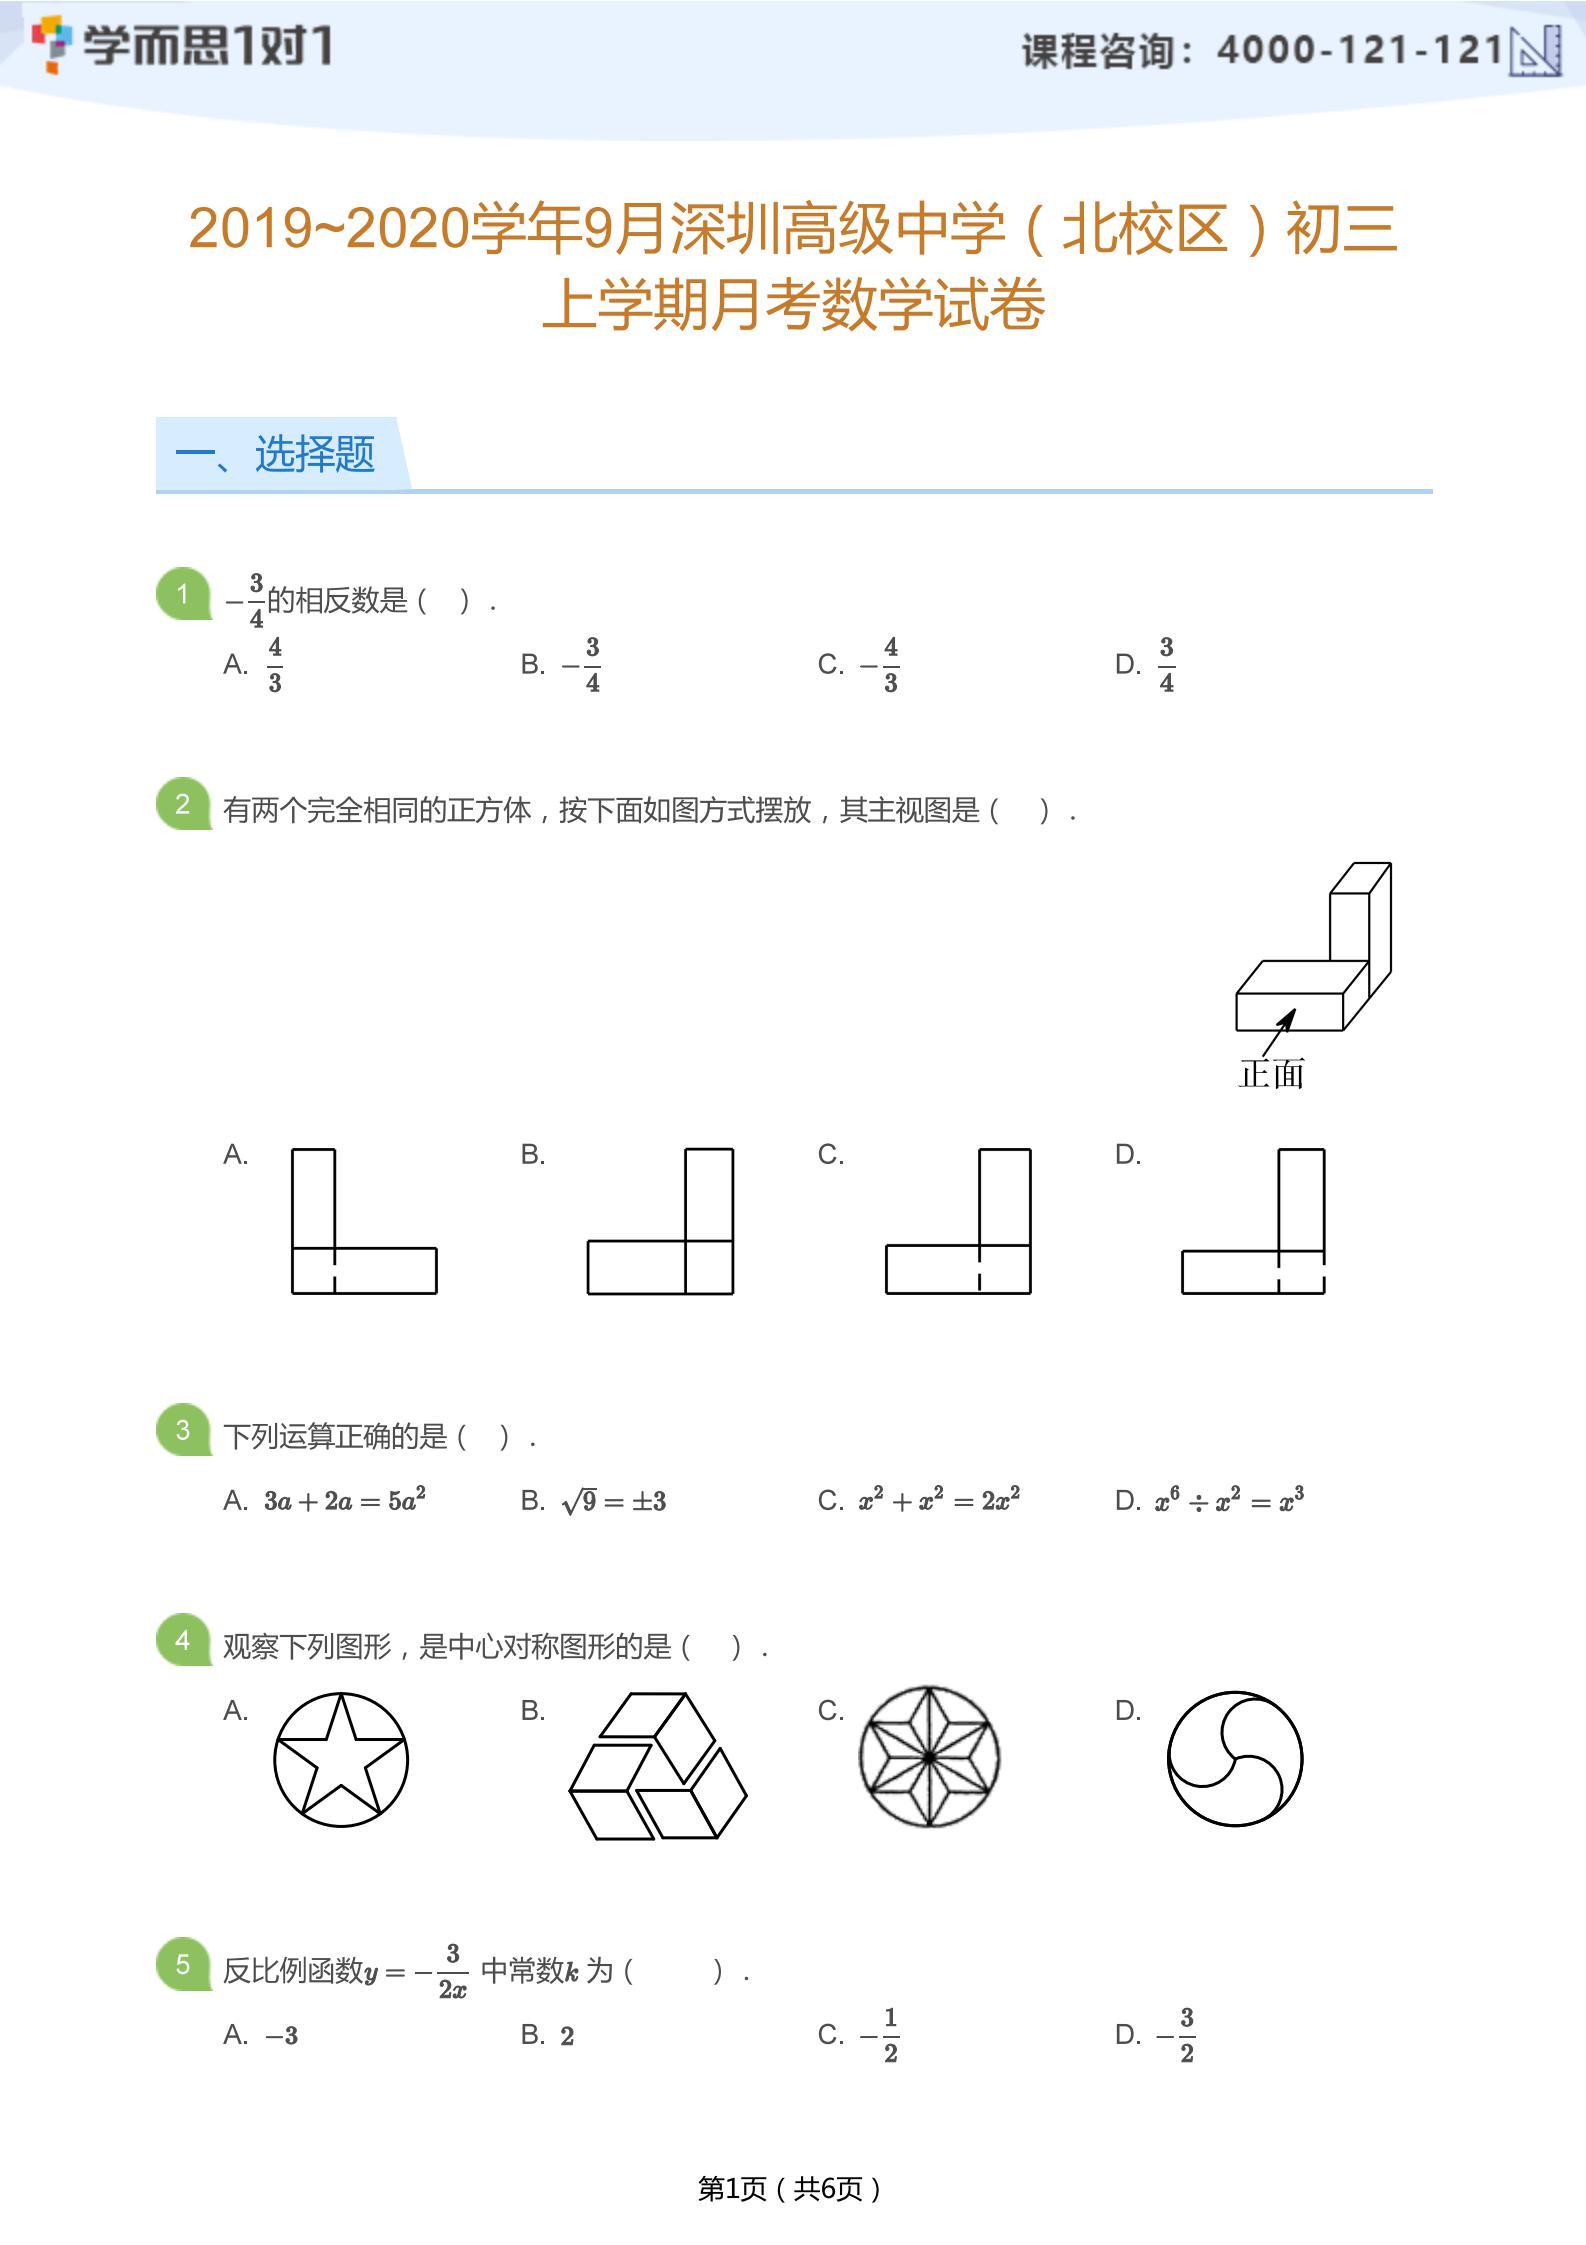 2019-2020学年9月深圳高级中学初三上月考数学试卷及答案